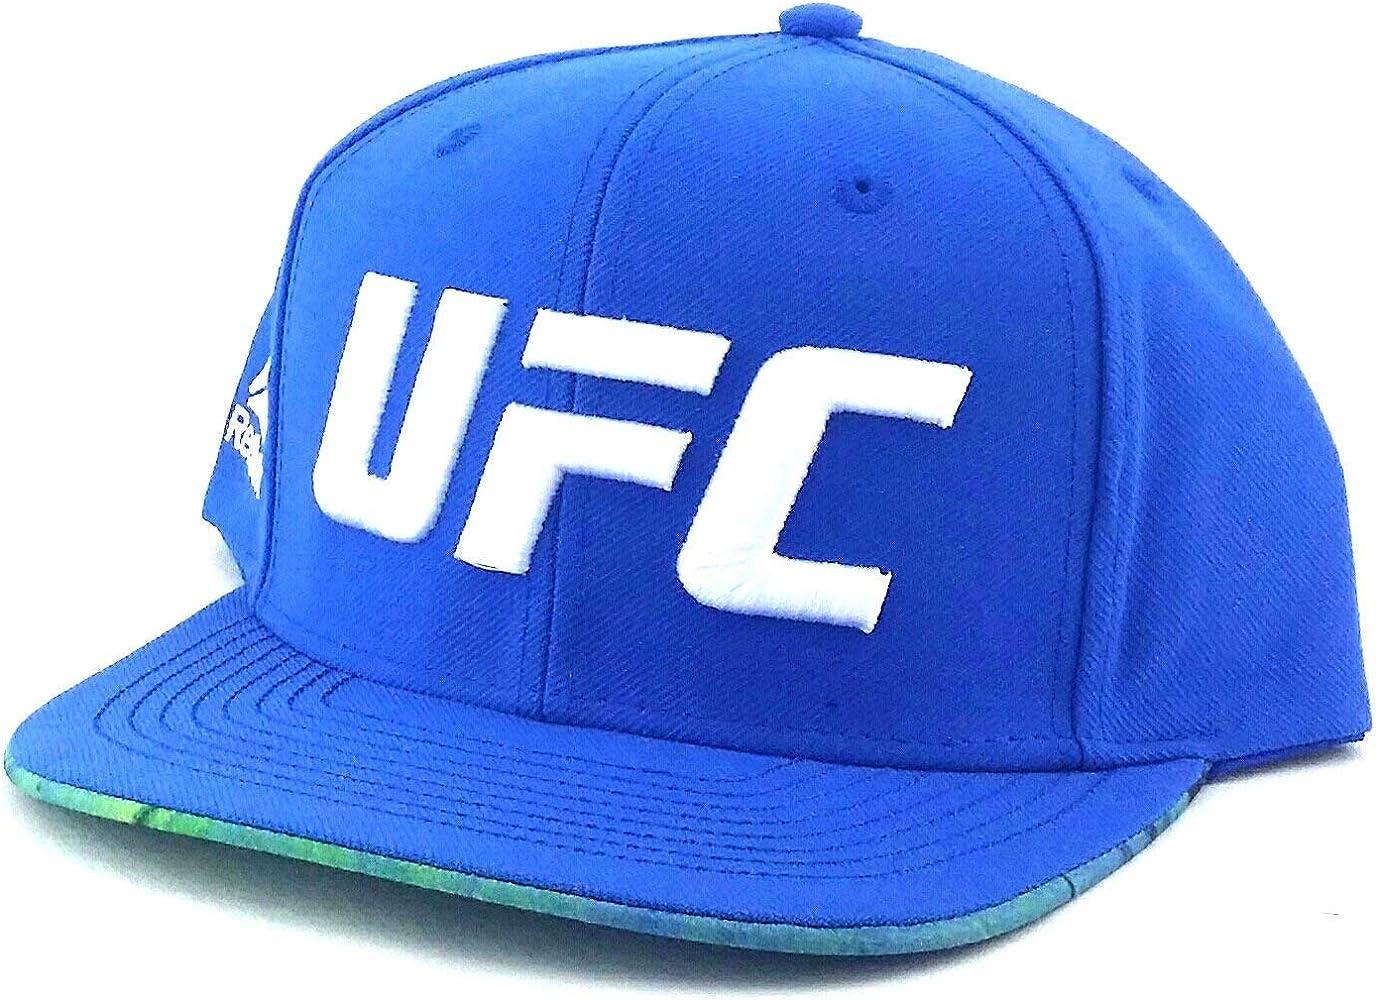 At Hombre Reebok UFC Champ Cap Gorra Talla /Única Negro